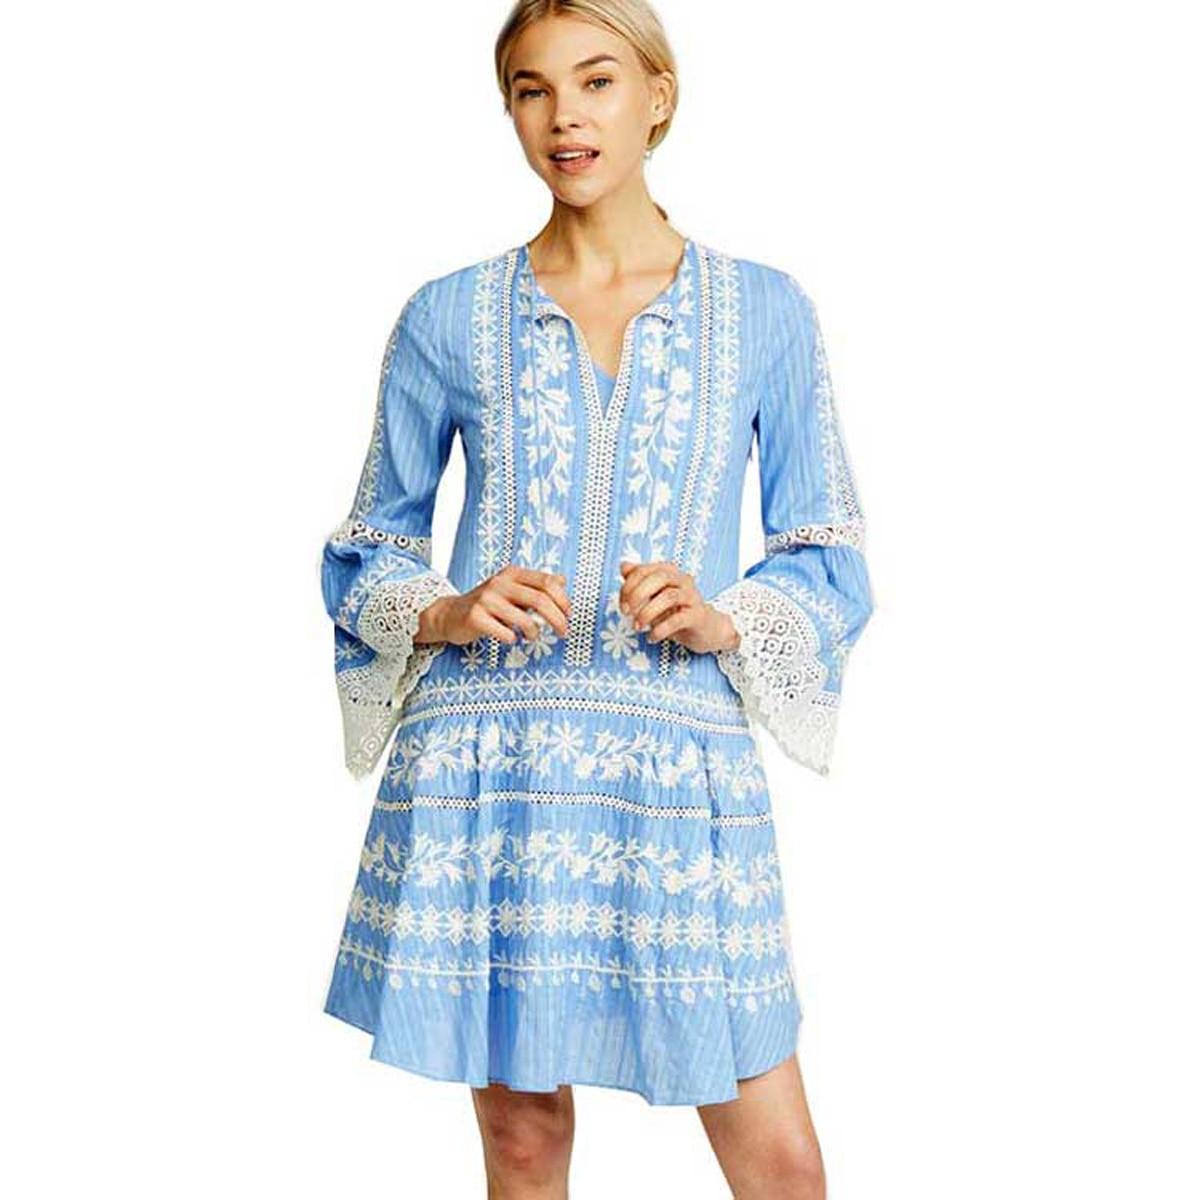 d67cfec1ba43d Jastie Etnik Çiçek Işlemeli Elbise Patchwork Dantel V Yaka Püskül Kravat  Boho Hippi Mini Elbise Uzun Kollu Sonbahar Kadın Elbiseler ~ Premium Deal  June 2019